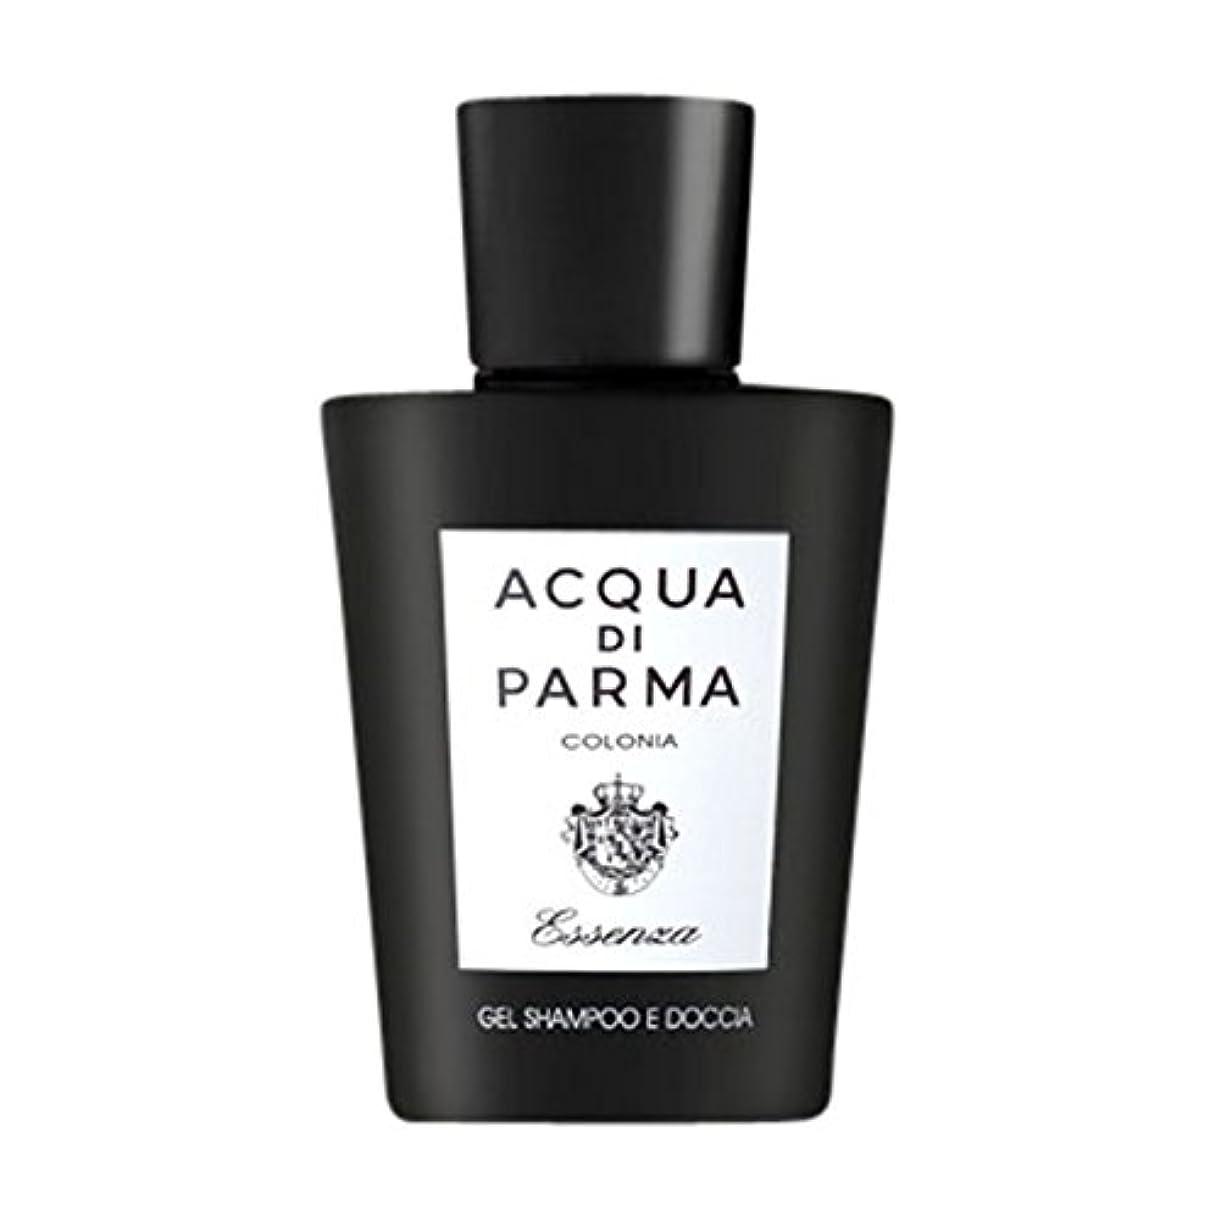 古風な逃すスタイルアクアディパルマコロニアEssenza髪とシャワージェル200ミリリットル (Acqua di Parma) - Acqua di Parma Colonia Essenza Hair and Shower Gel 200ml [並行輸入品]